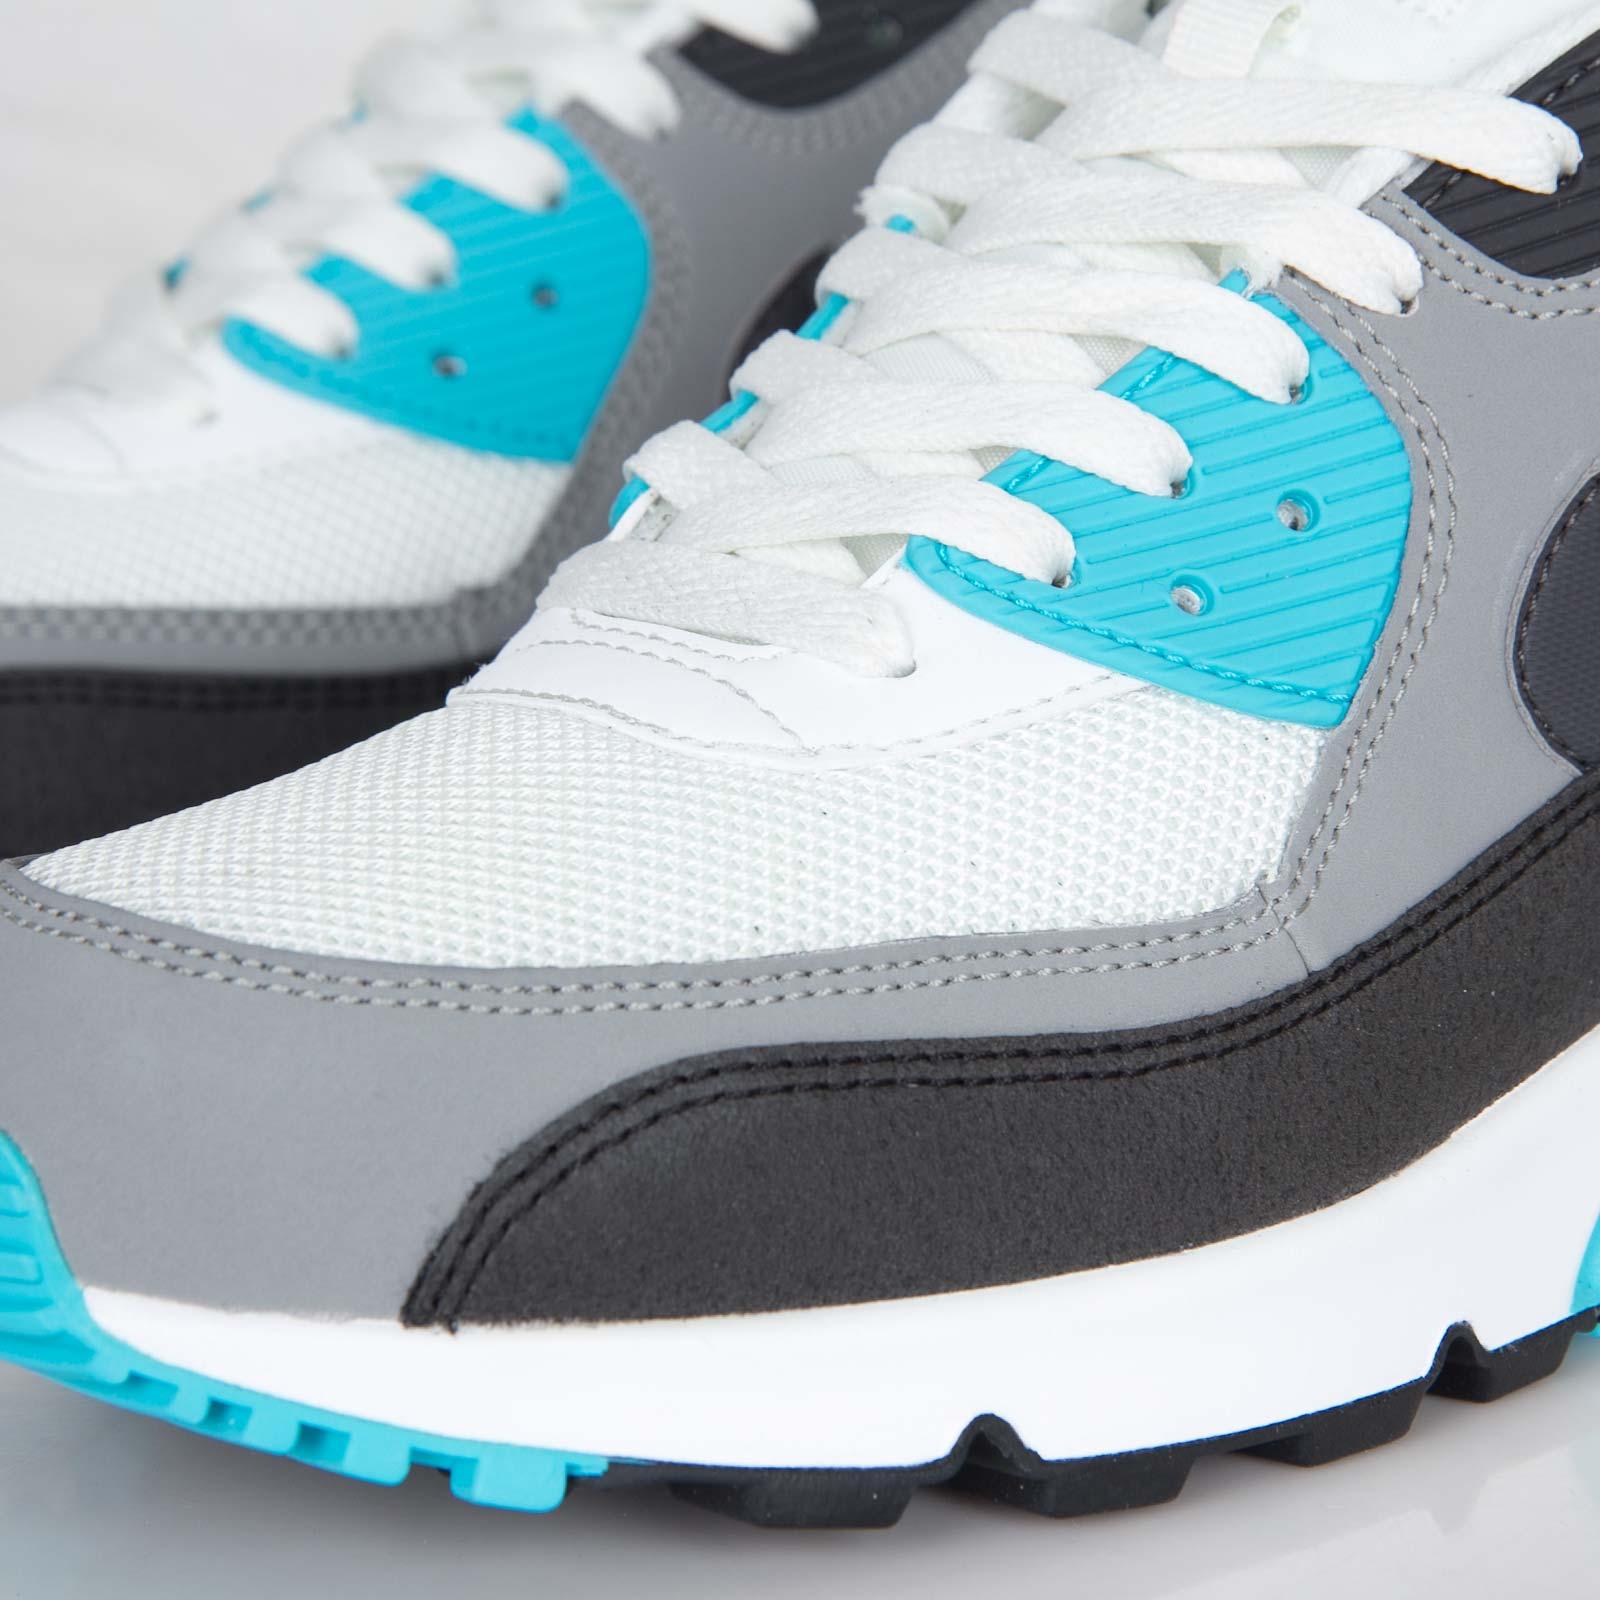 df0e4aad18 Nike Air Max 90 Essential - 537384-100 - Sneakersnstuff | sneakers &  streetwear online since 1999